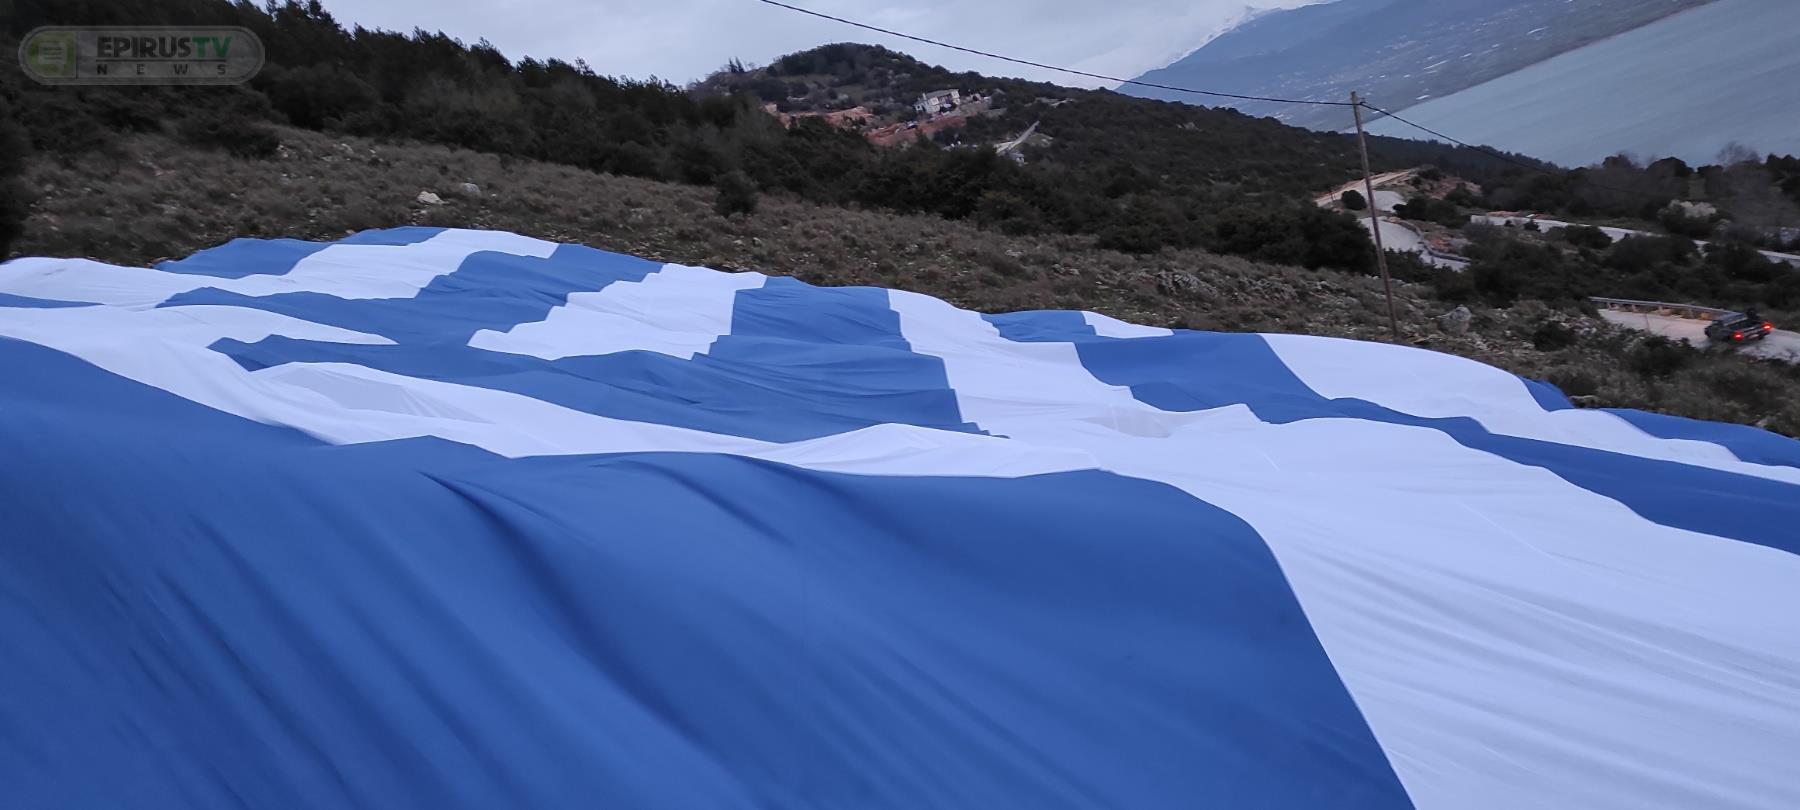 Γιάννενα: Η τεράστια ελληνική σημαία που έντυσε στα γαλανόλευκα μια ολόκληρη πλαγιά (pics)